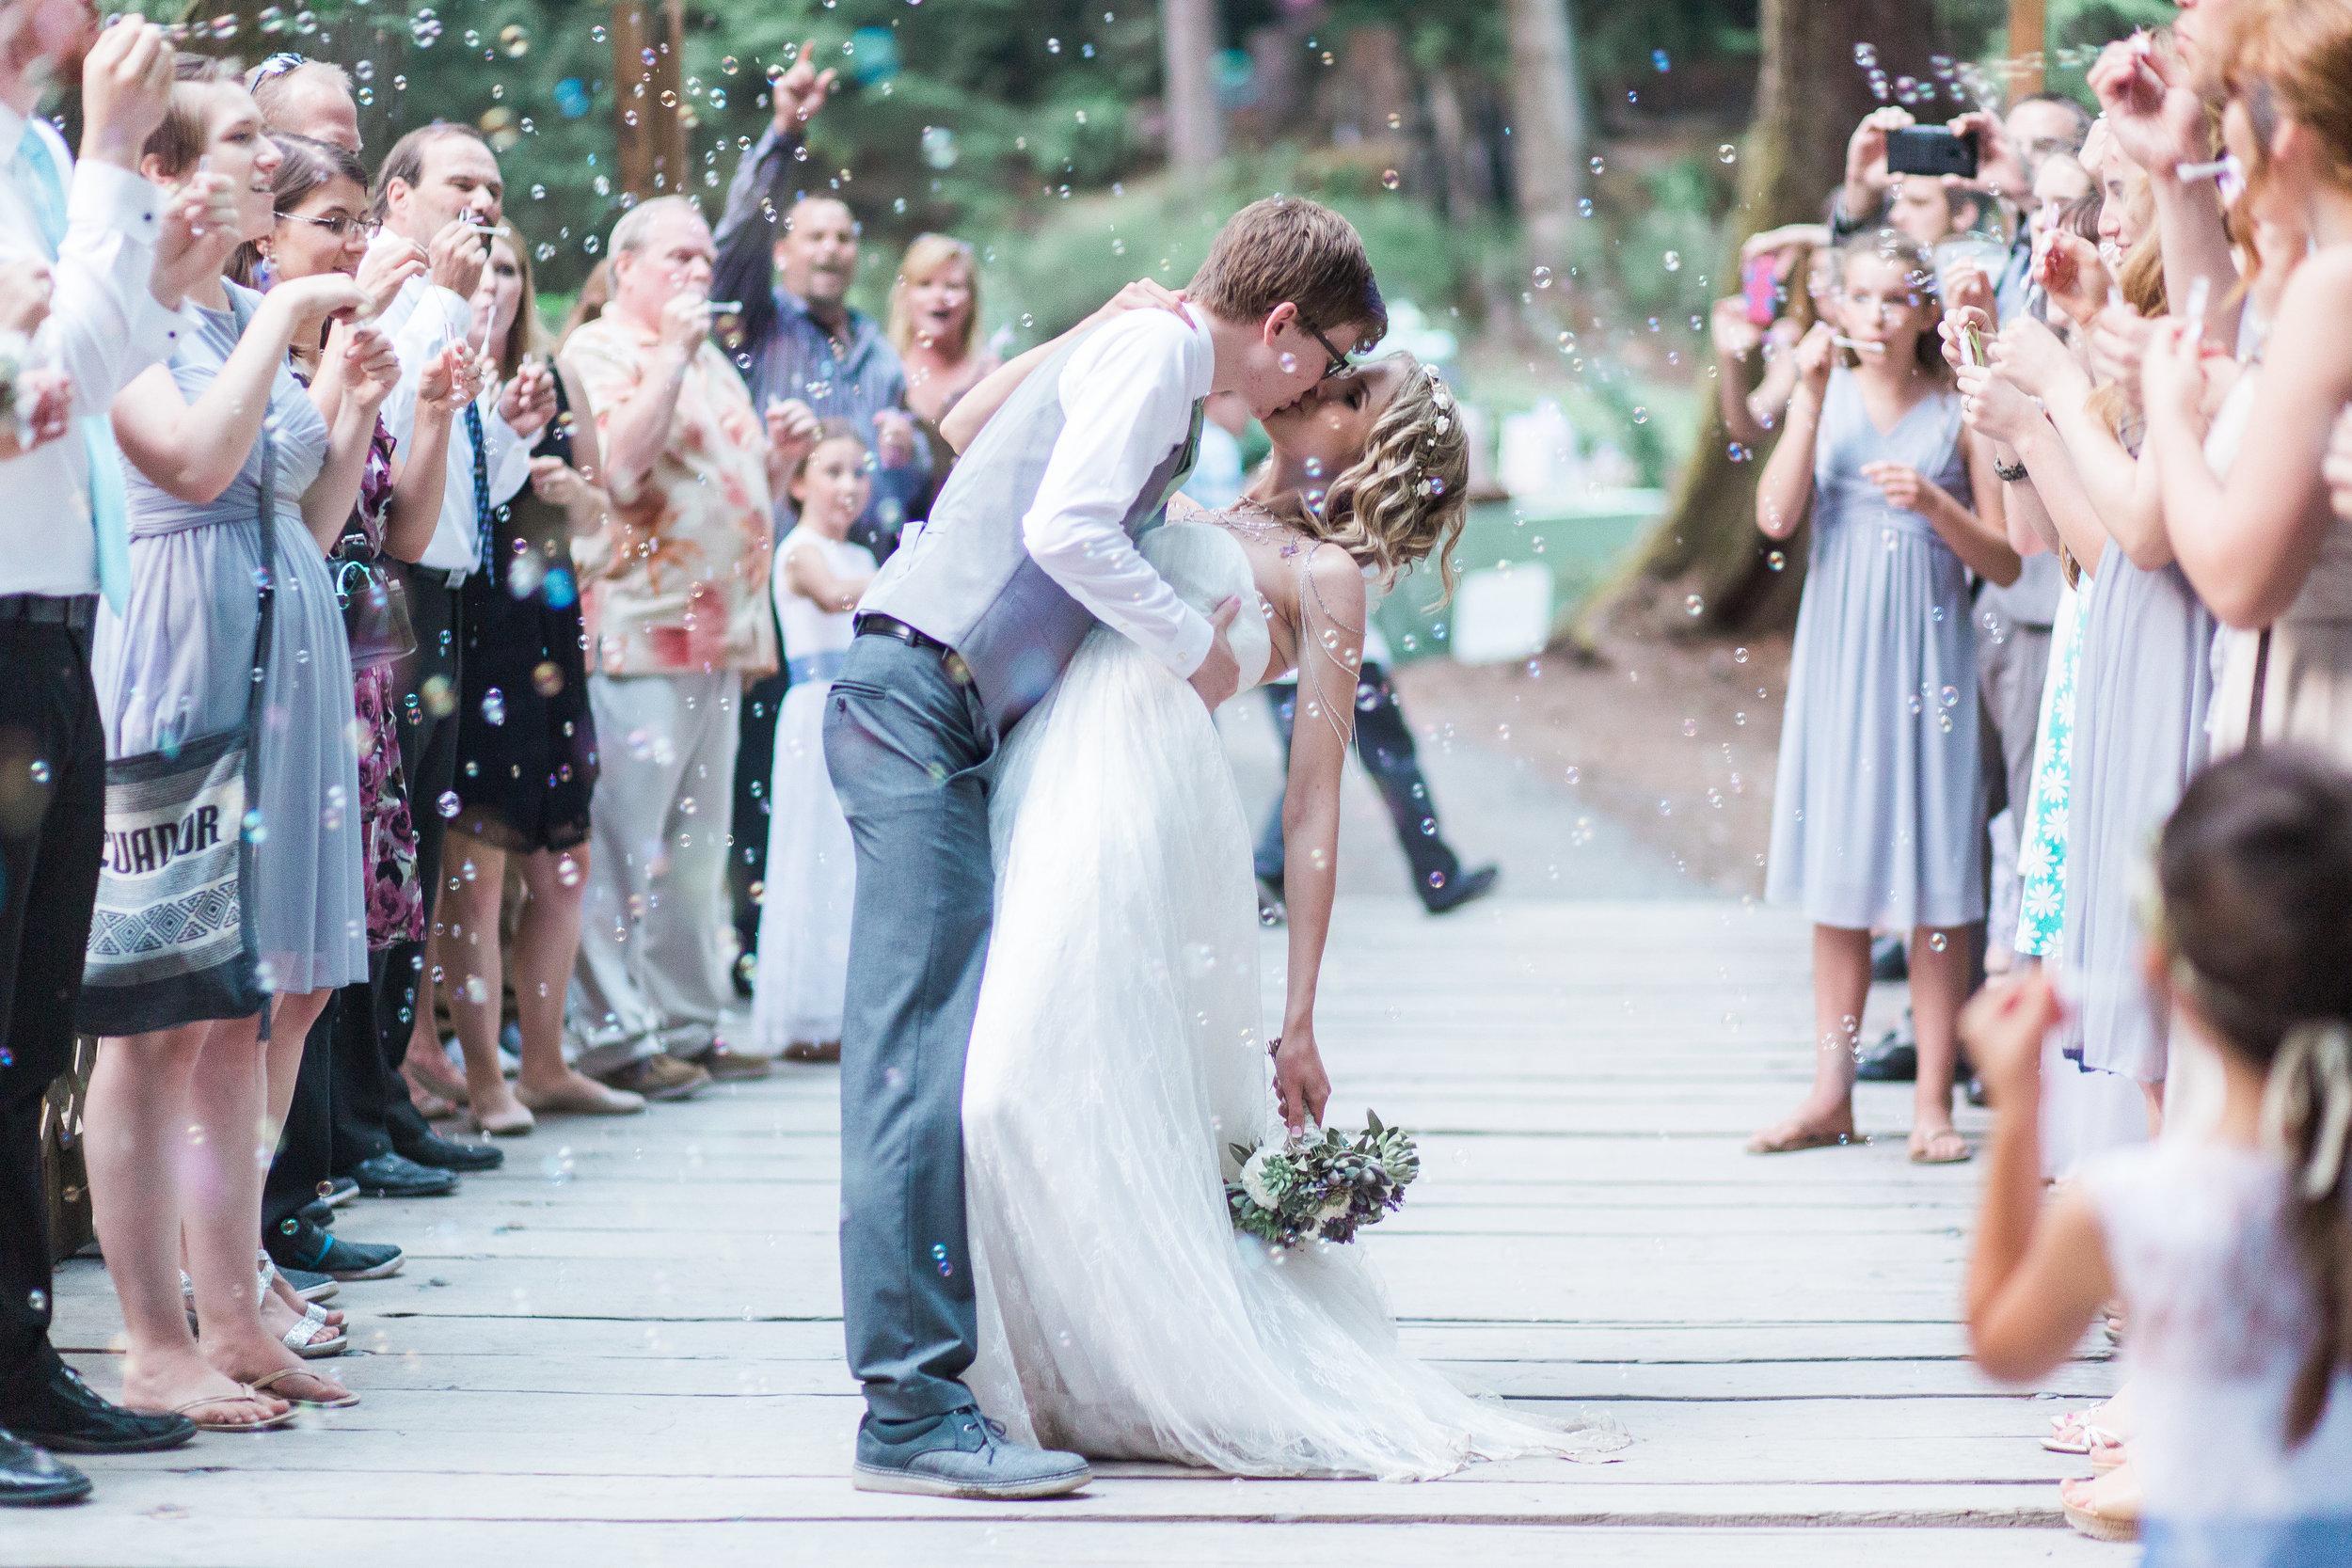 Seattle Wedding Photographer | snohomish wedding photographer |